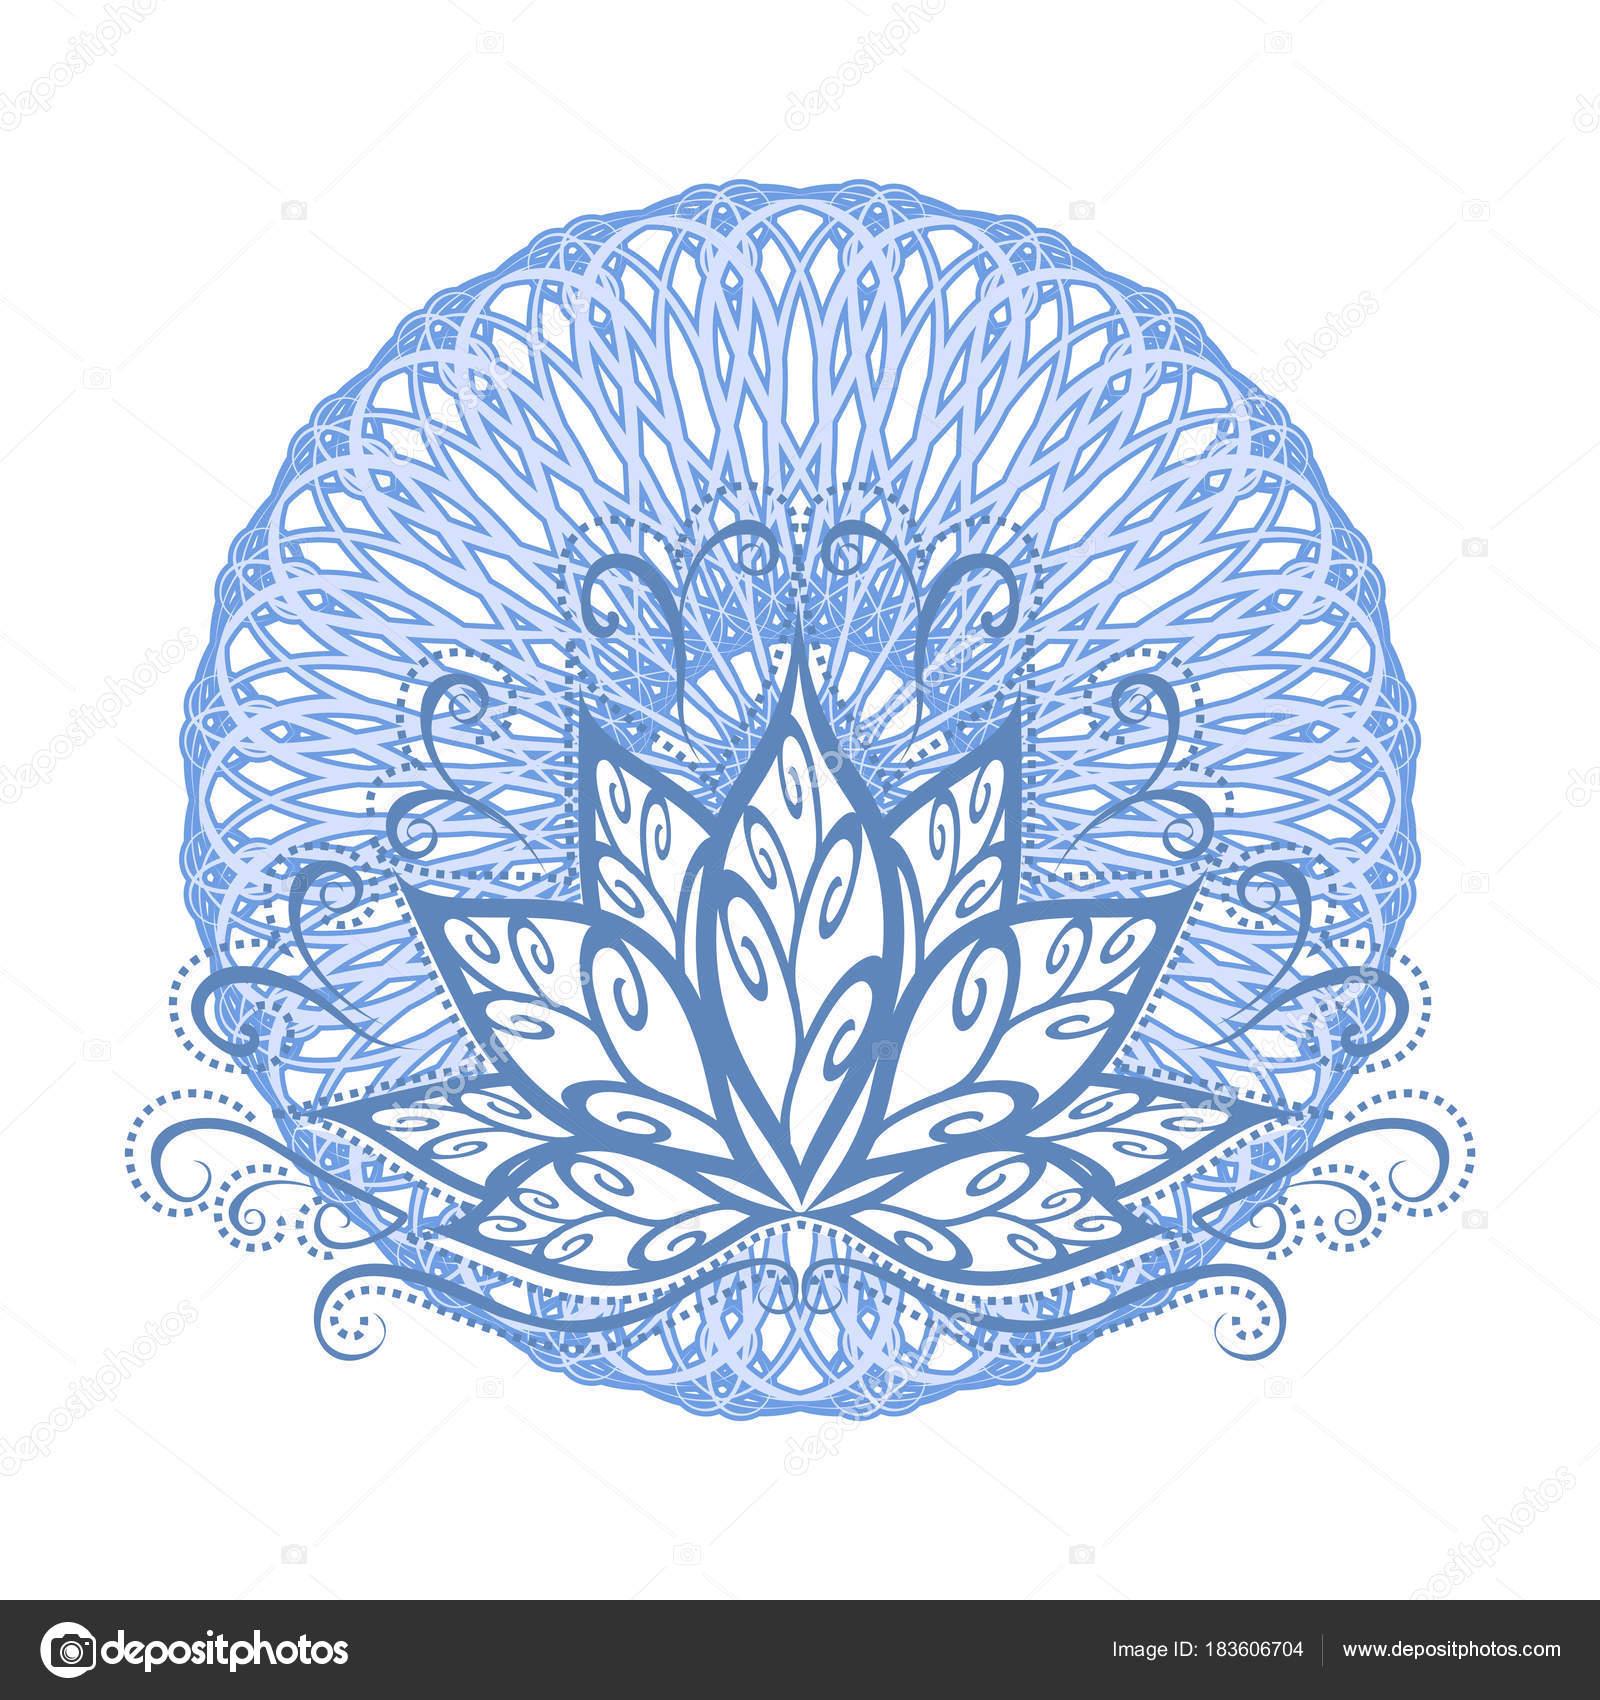 Lotus Mandala Vector Afbeelding Van Een Gestileerde Lotusbloem